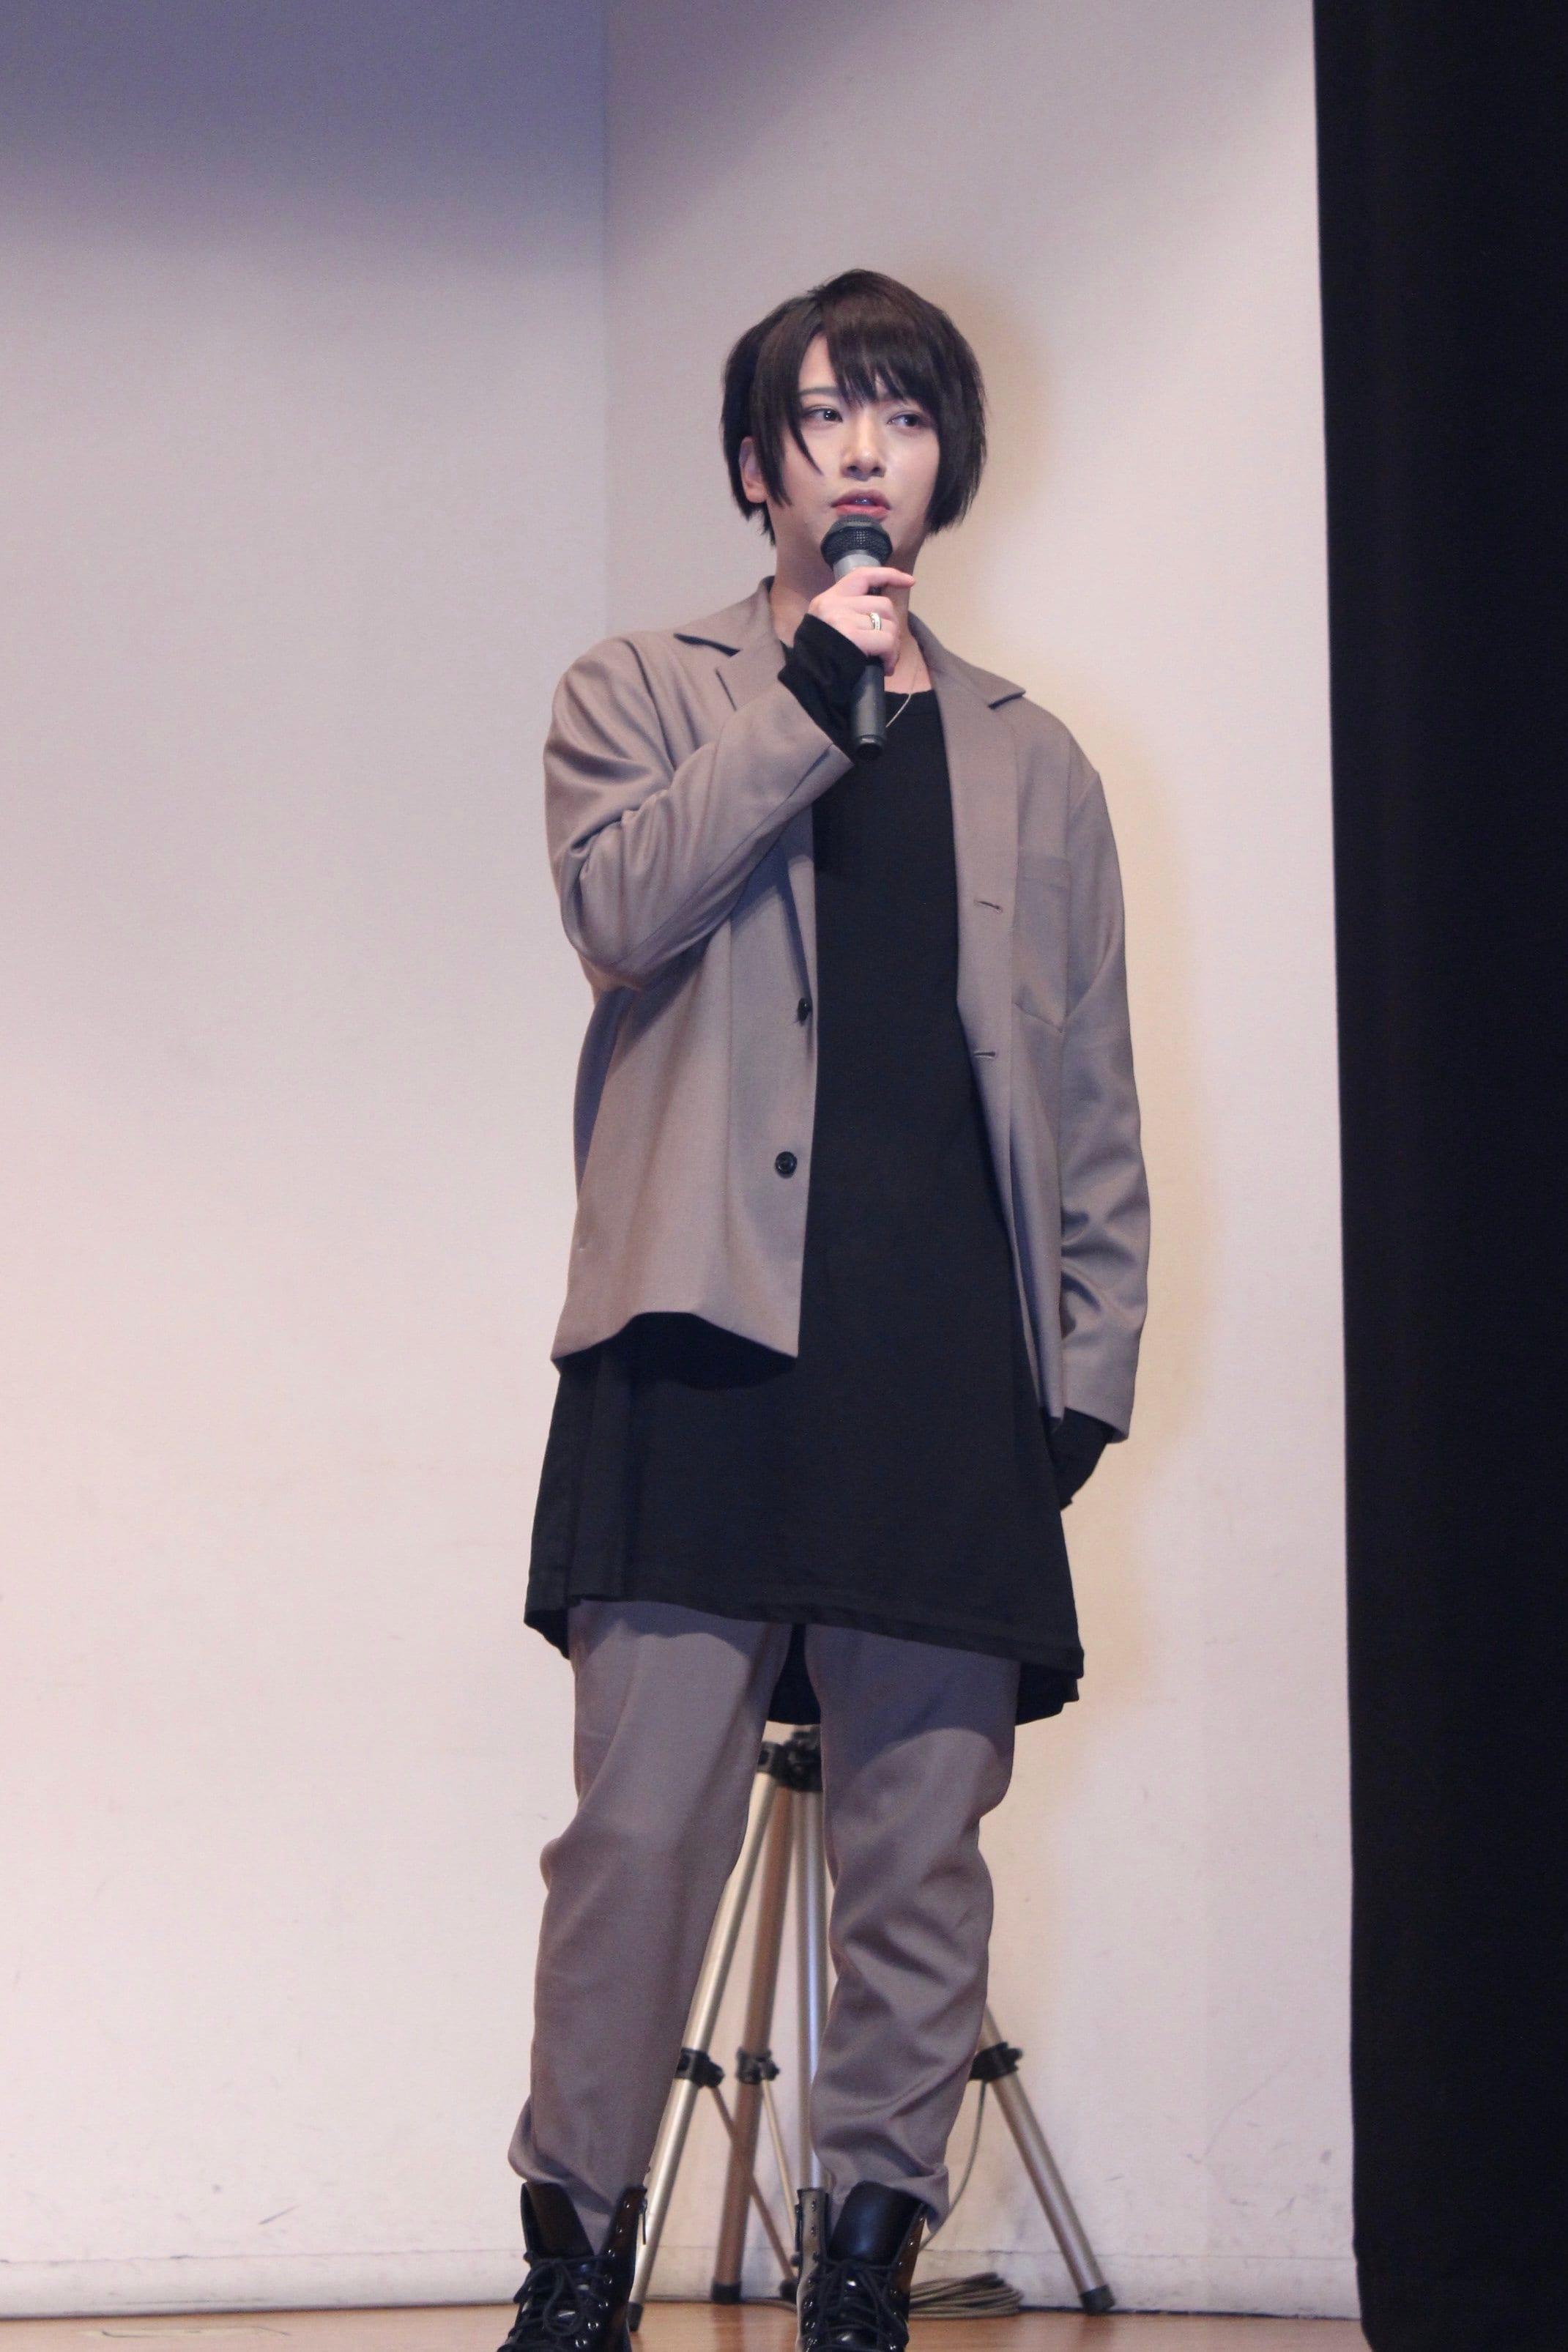 松田岳、三山凌輝、笹翼、秋葉友佑ら登場、映画『縁側ラヴァーズ』 完成イベント開催の画像005